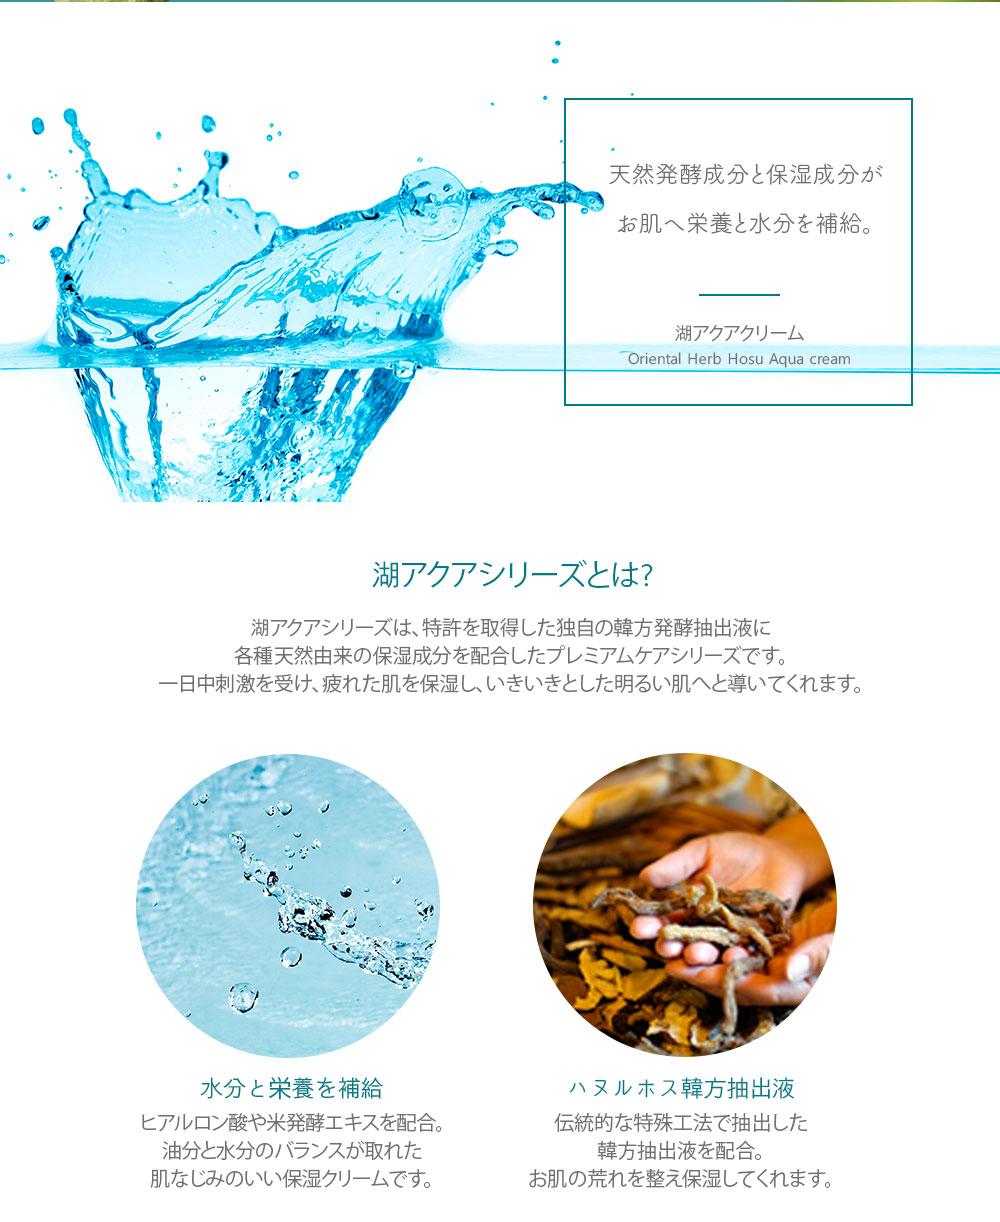 みずみずしく潤う湖アクア保湿クリーム10%OFF マスクパックマイルドスキンつき